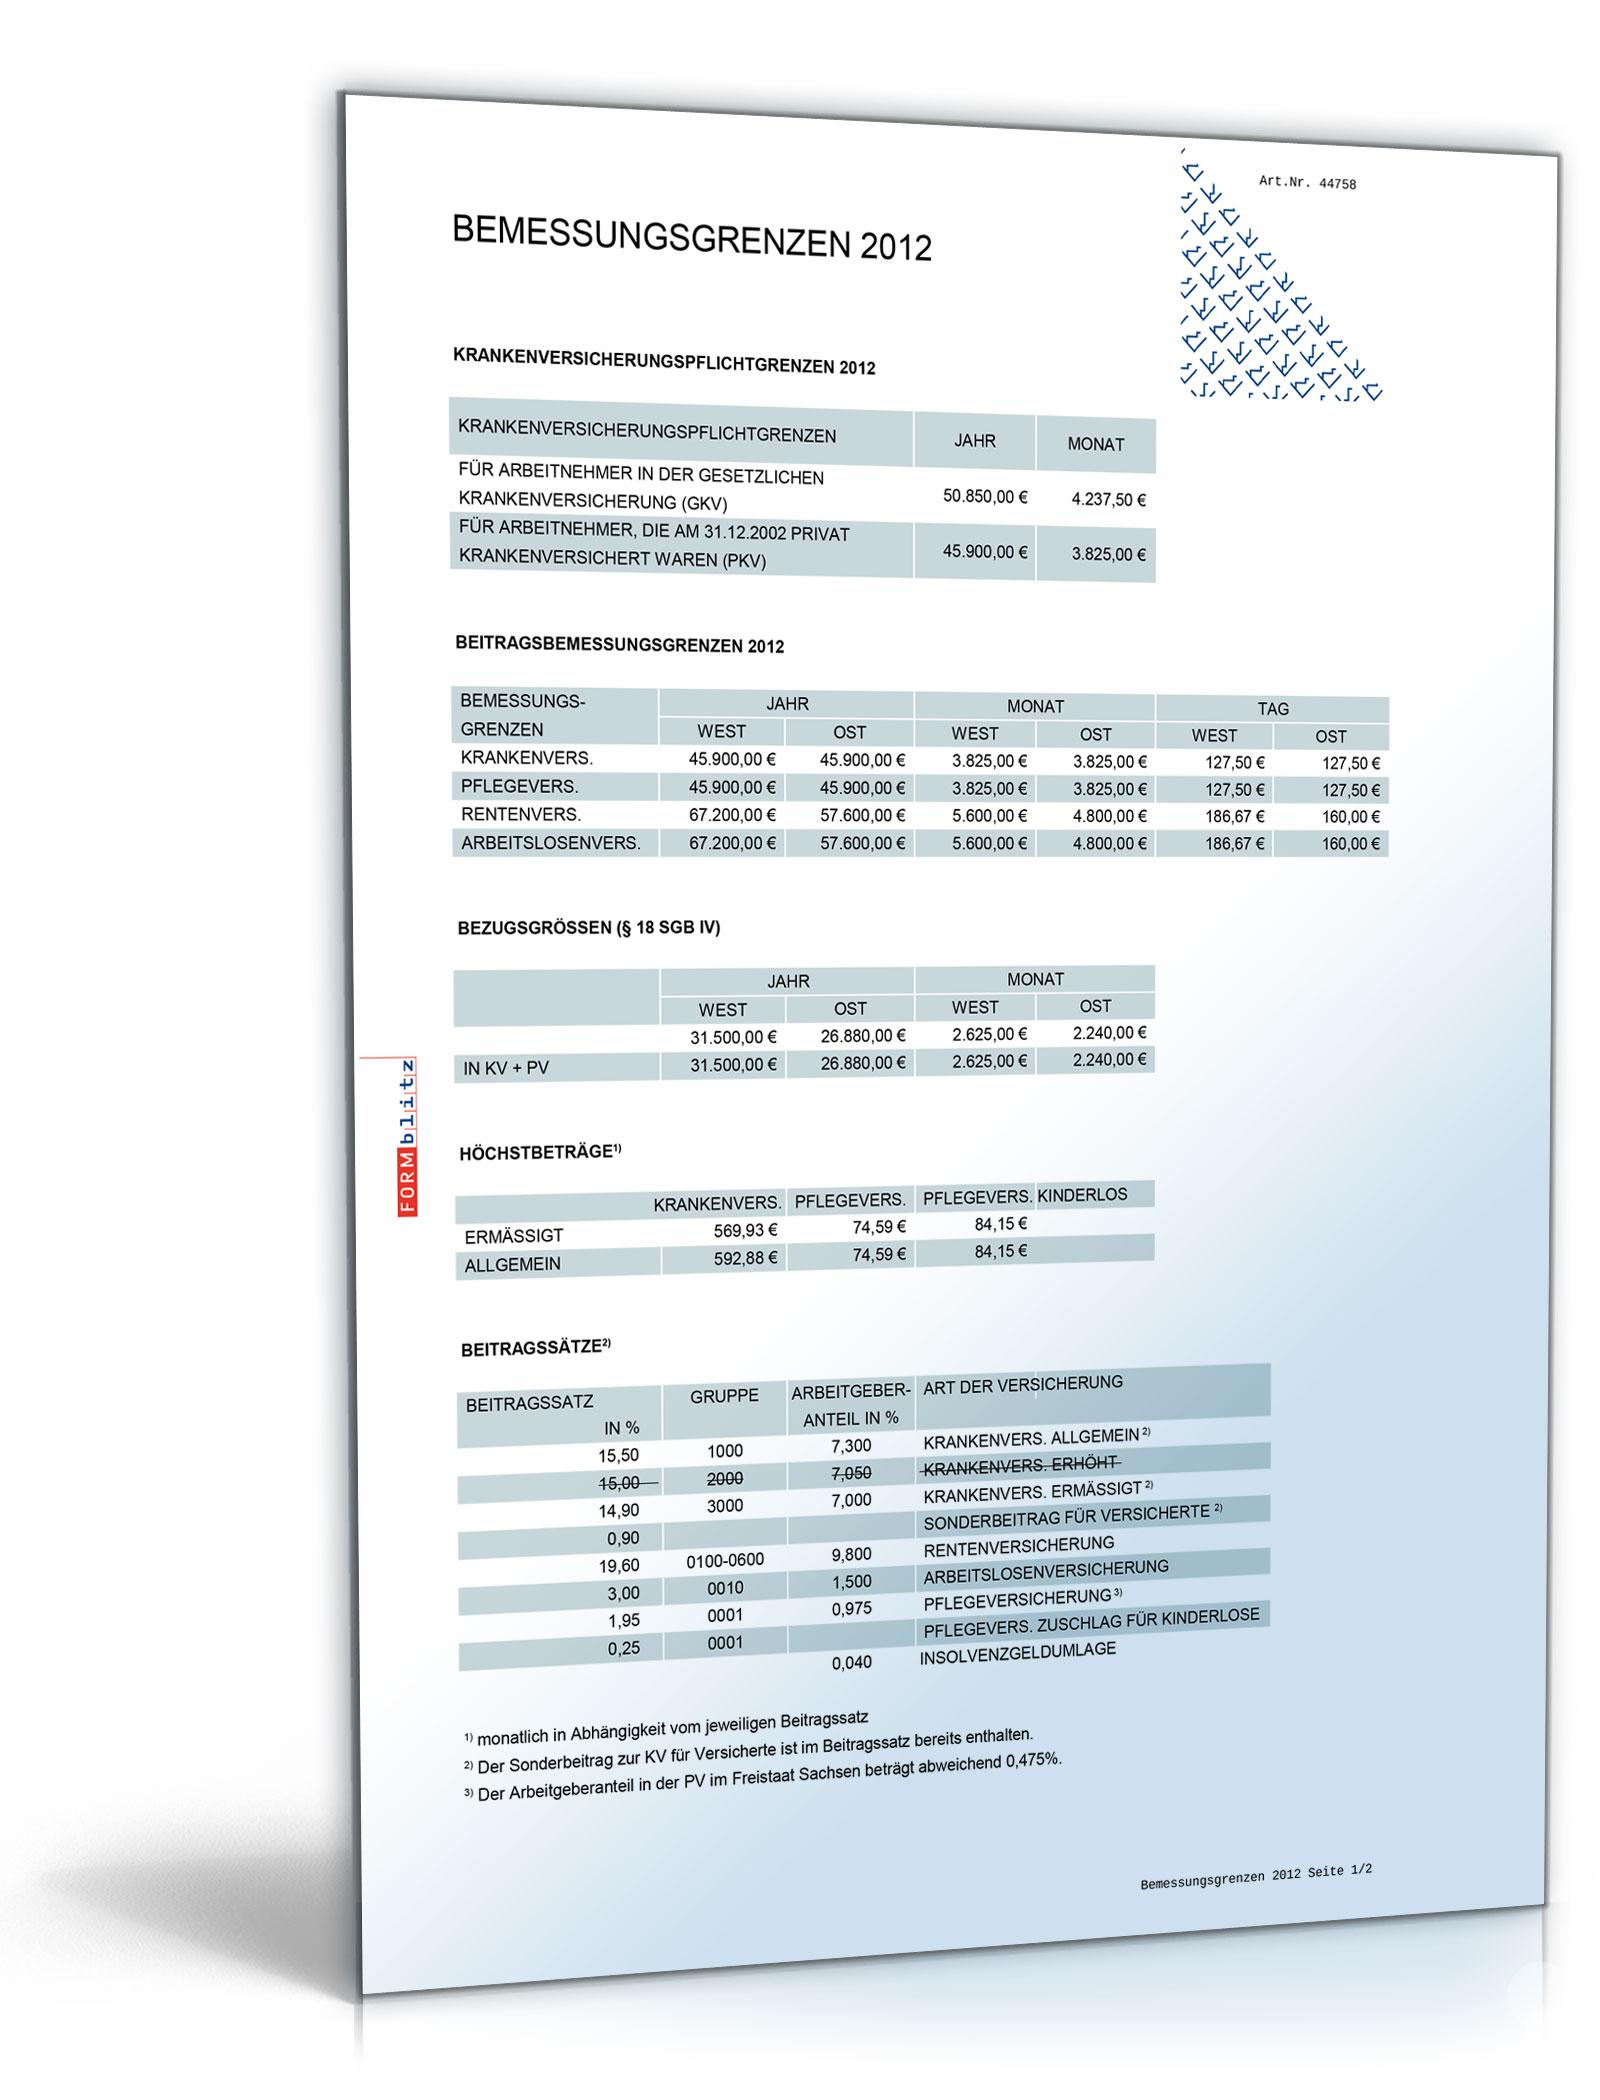 FORMBLITZ-Tabelle 2010/2012 - Sammlung diverser Pauschalsätze